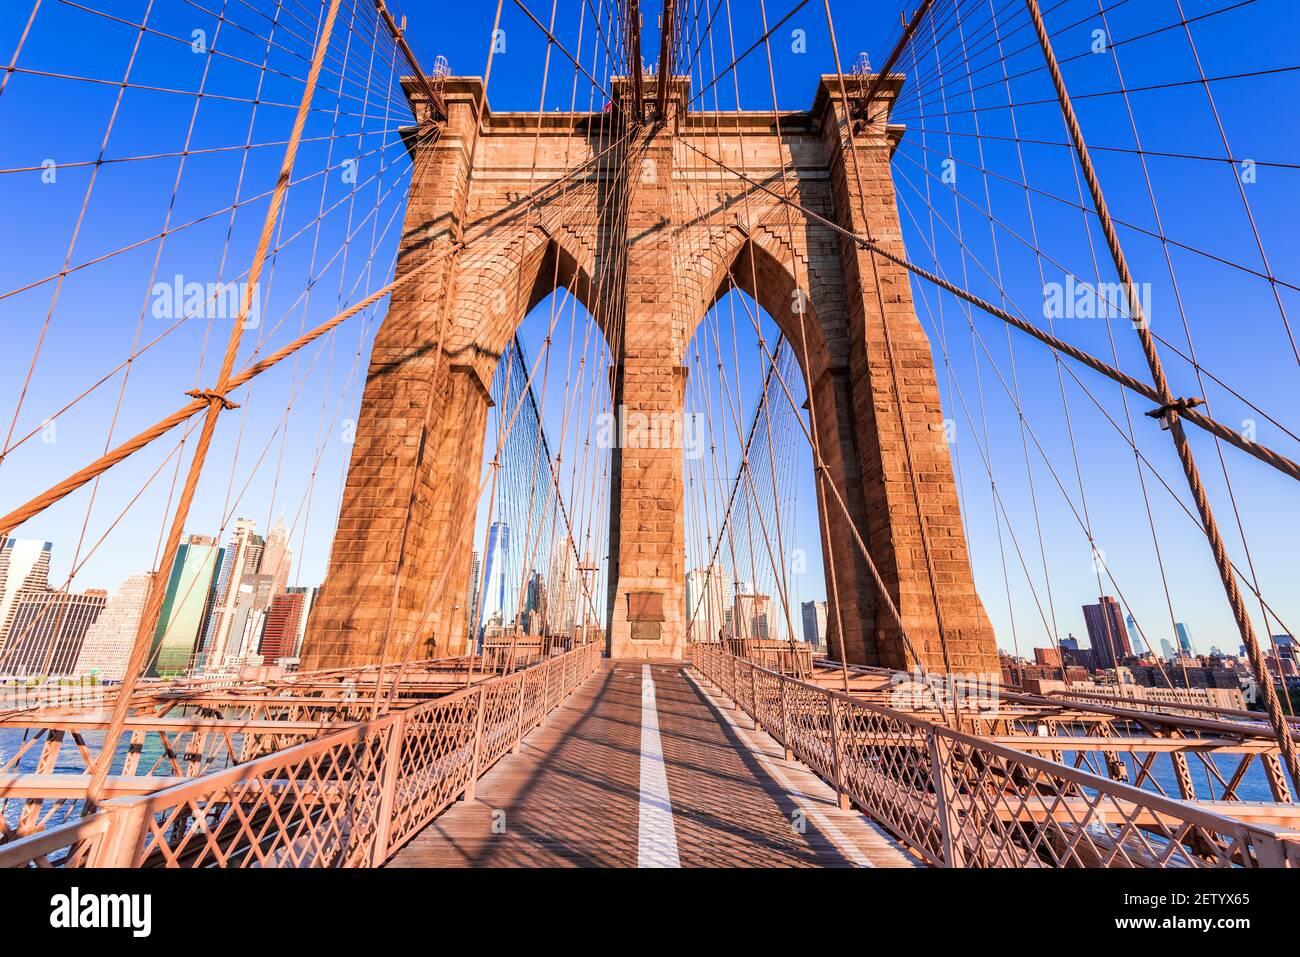 New York, États-Unis d'Amérique. Lever du soleil sur le pont de Brooklyn à New York, Manhattan, États-Unis. Banque D'Images